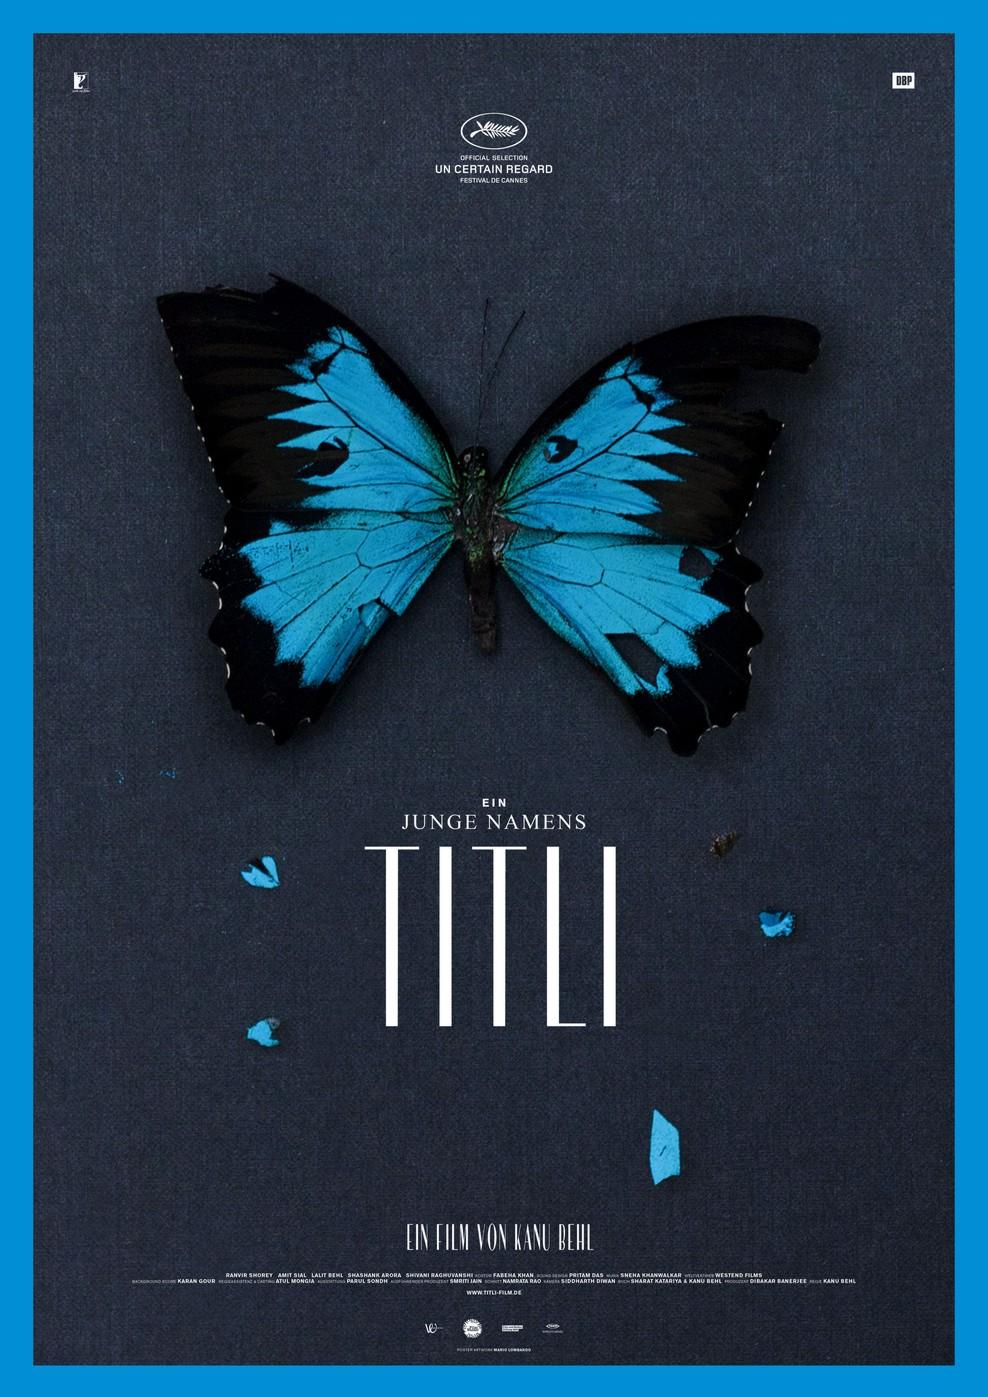 Ein Junge namens Titli (Poster)